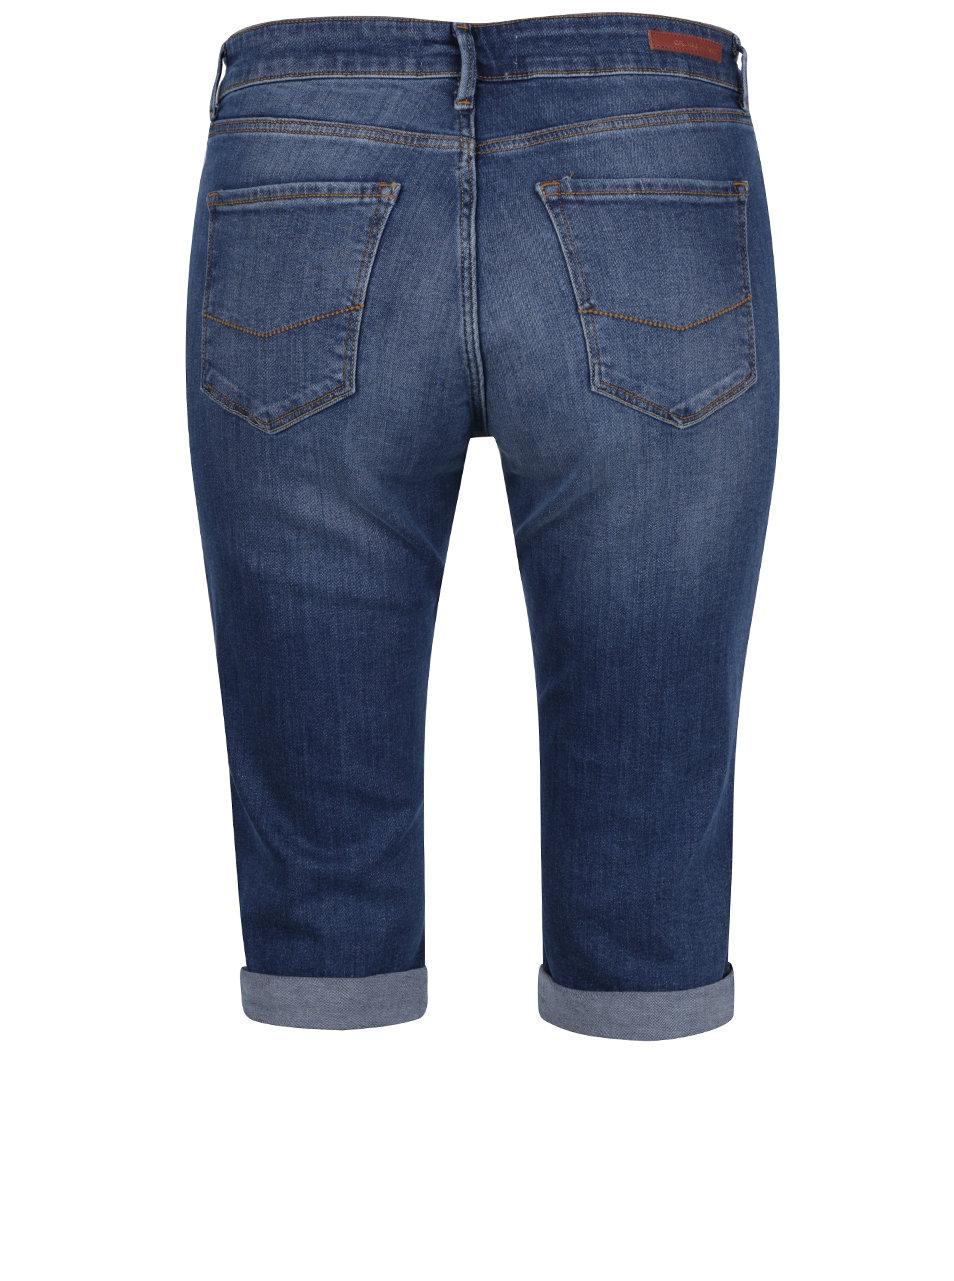 Modré dámské džínové kraťasy nad kolena Cross Jeans ... bbff4c2740